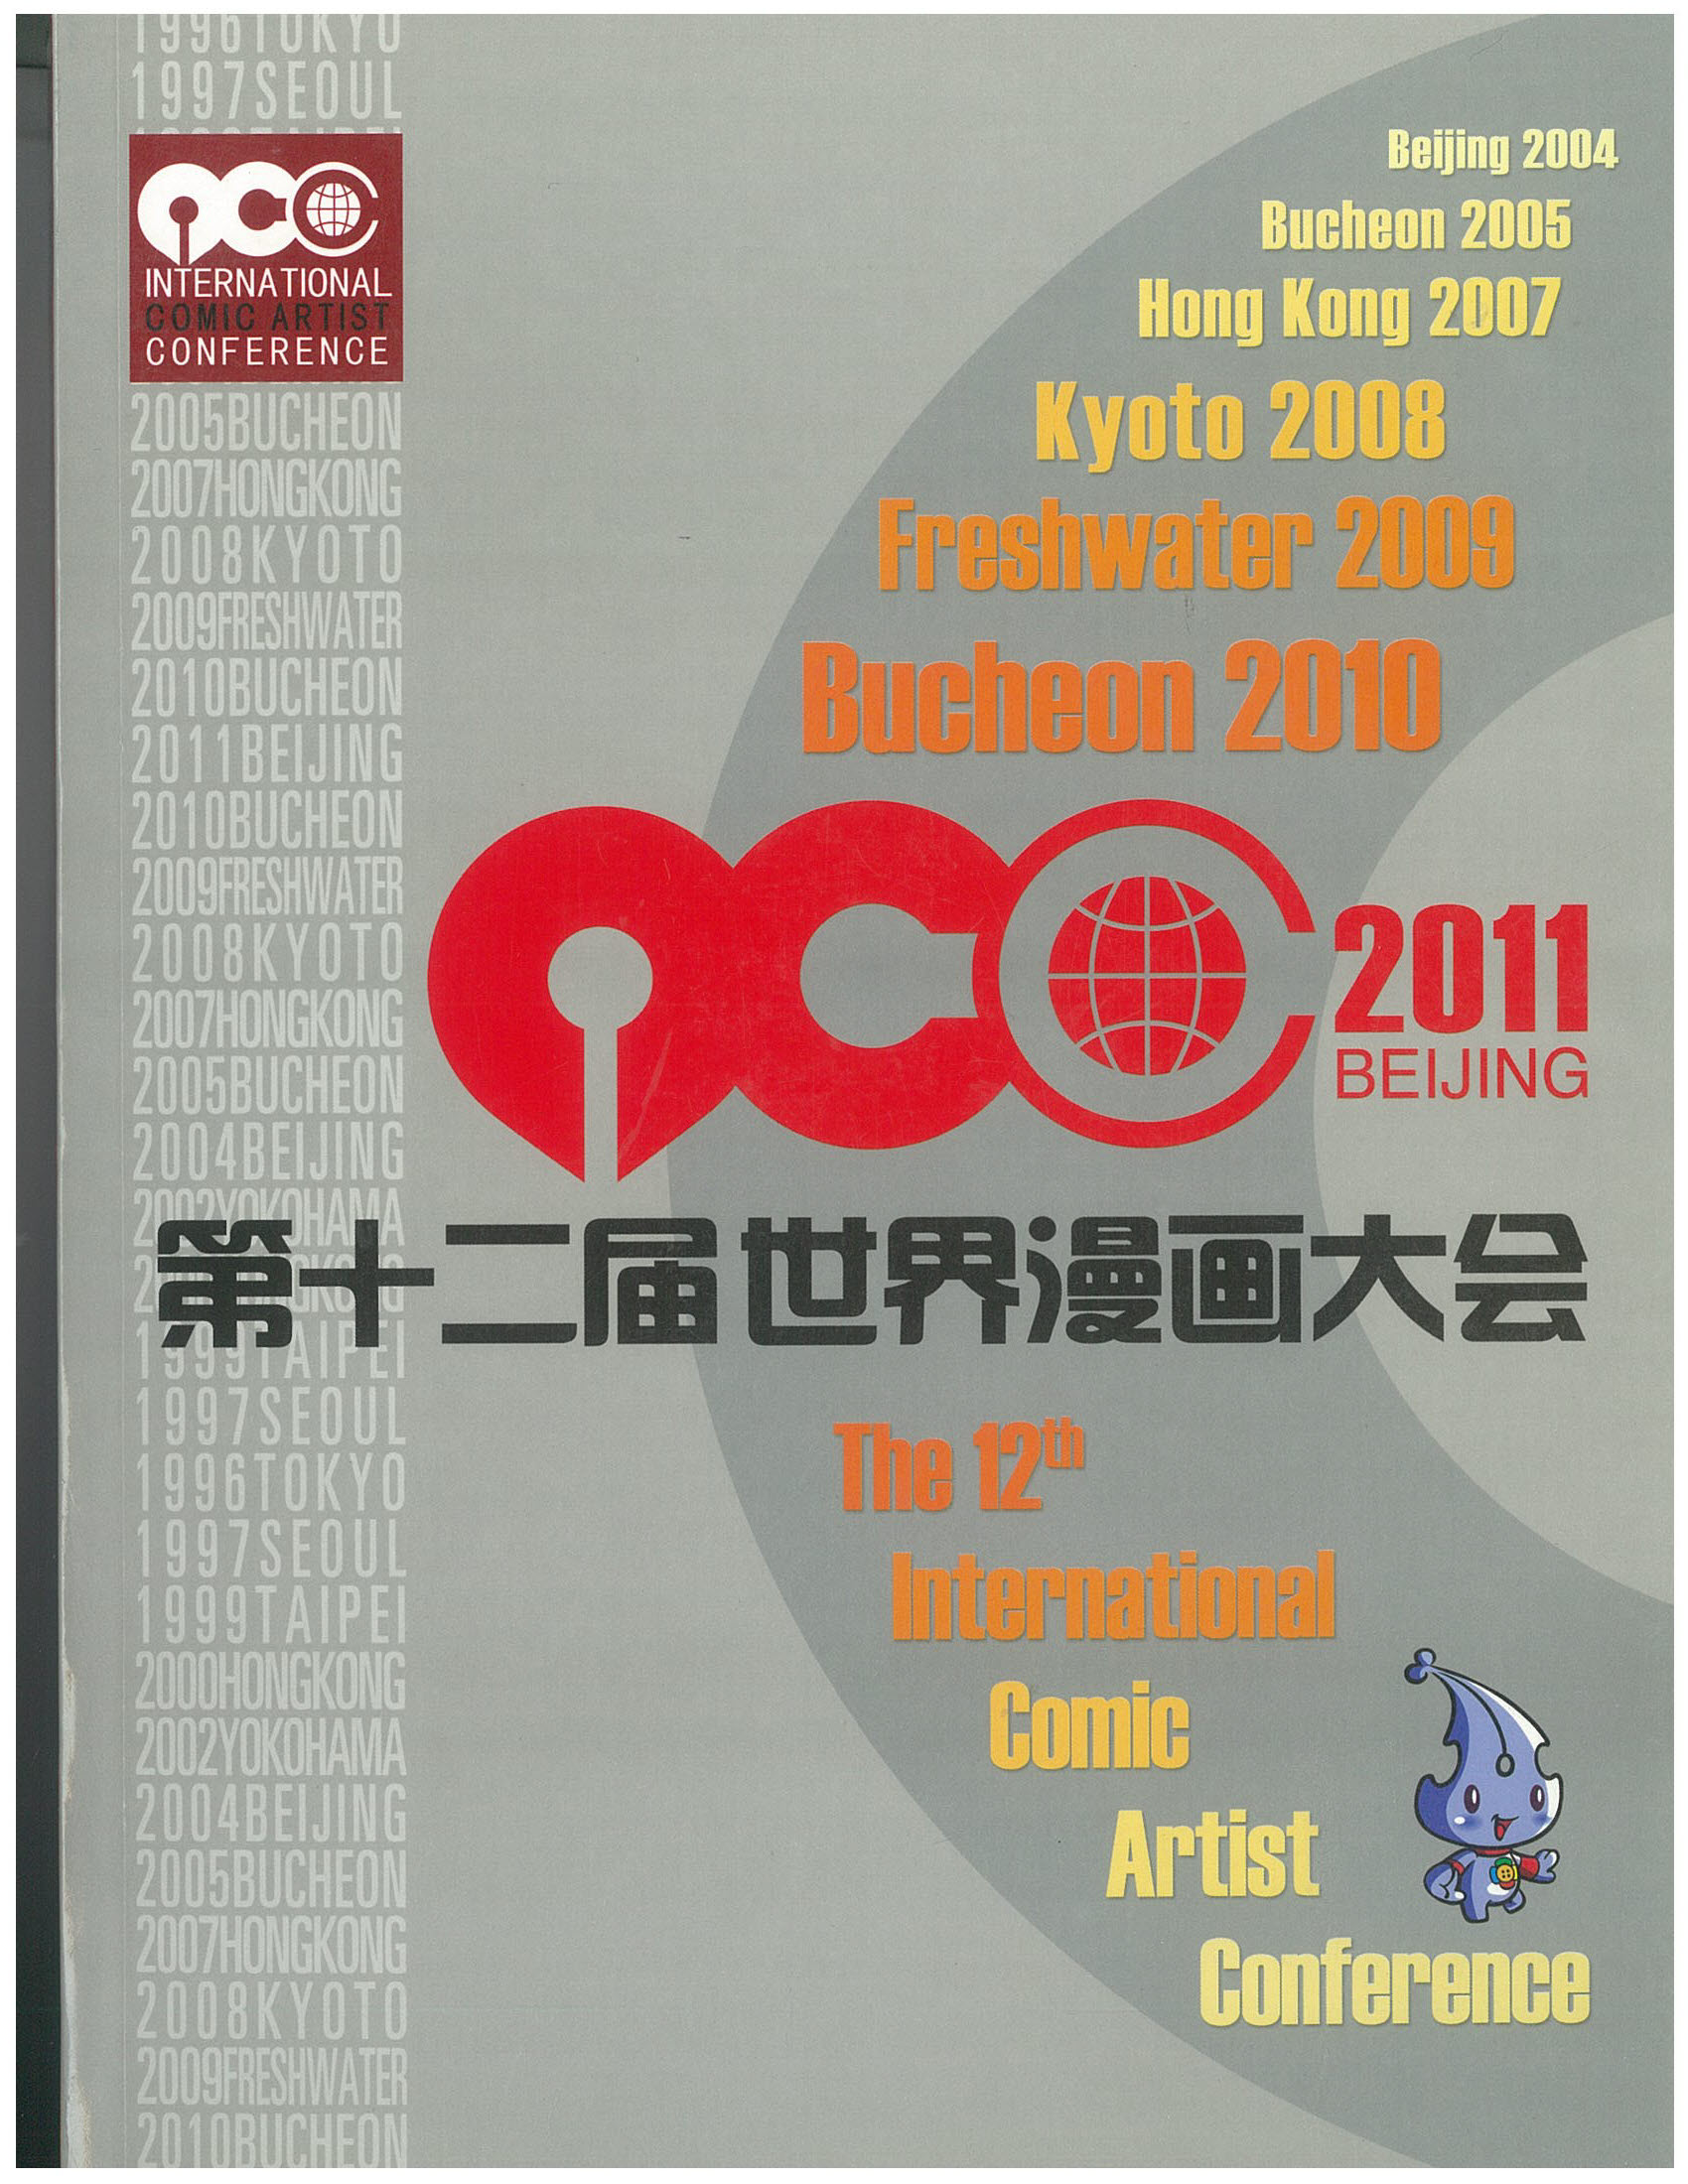 국제만화가대회 도록2011.jpg